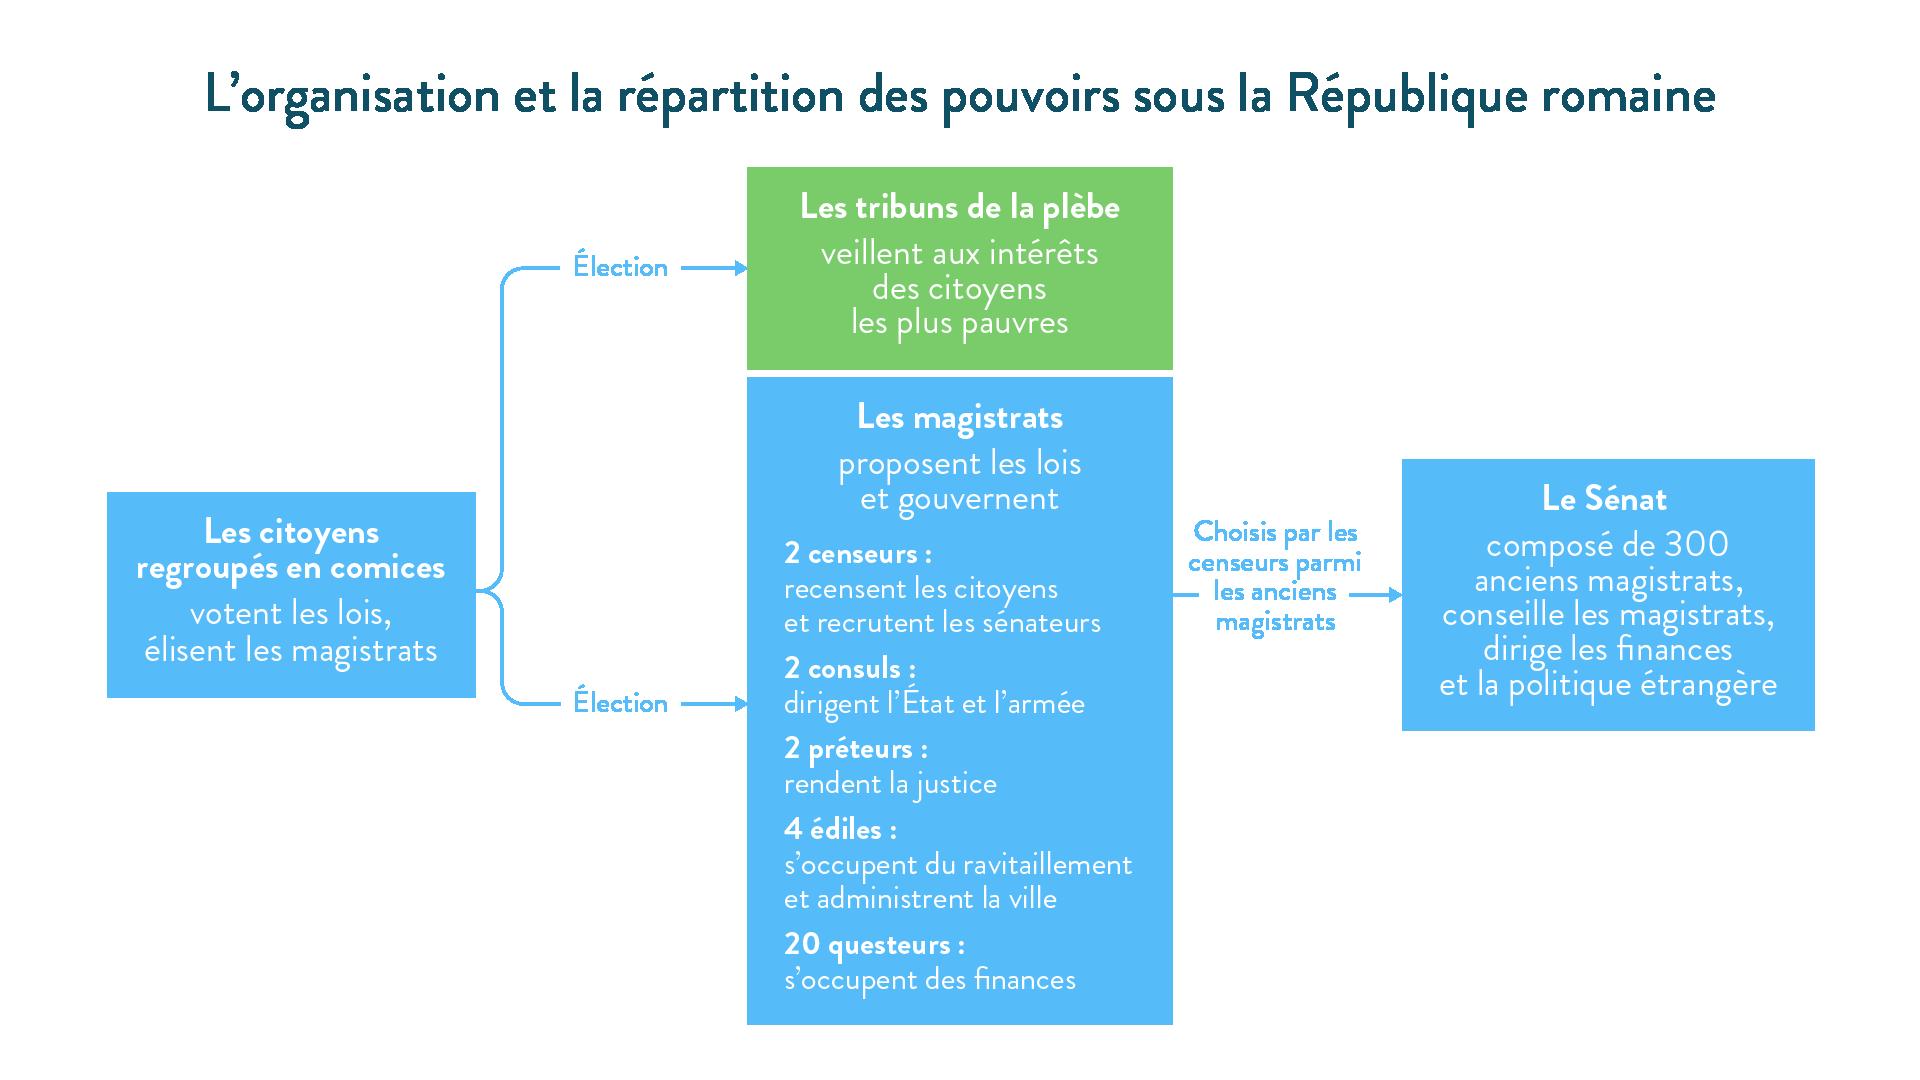 L'organisation et la répartition des pouvoirs sous la République romaine-histoire-6e